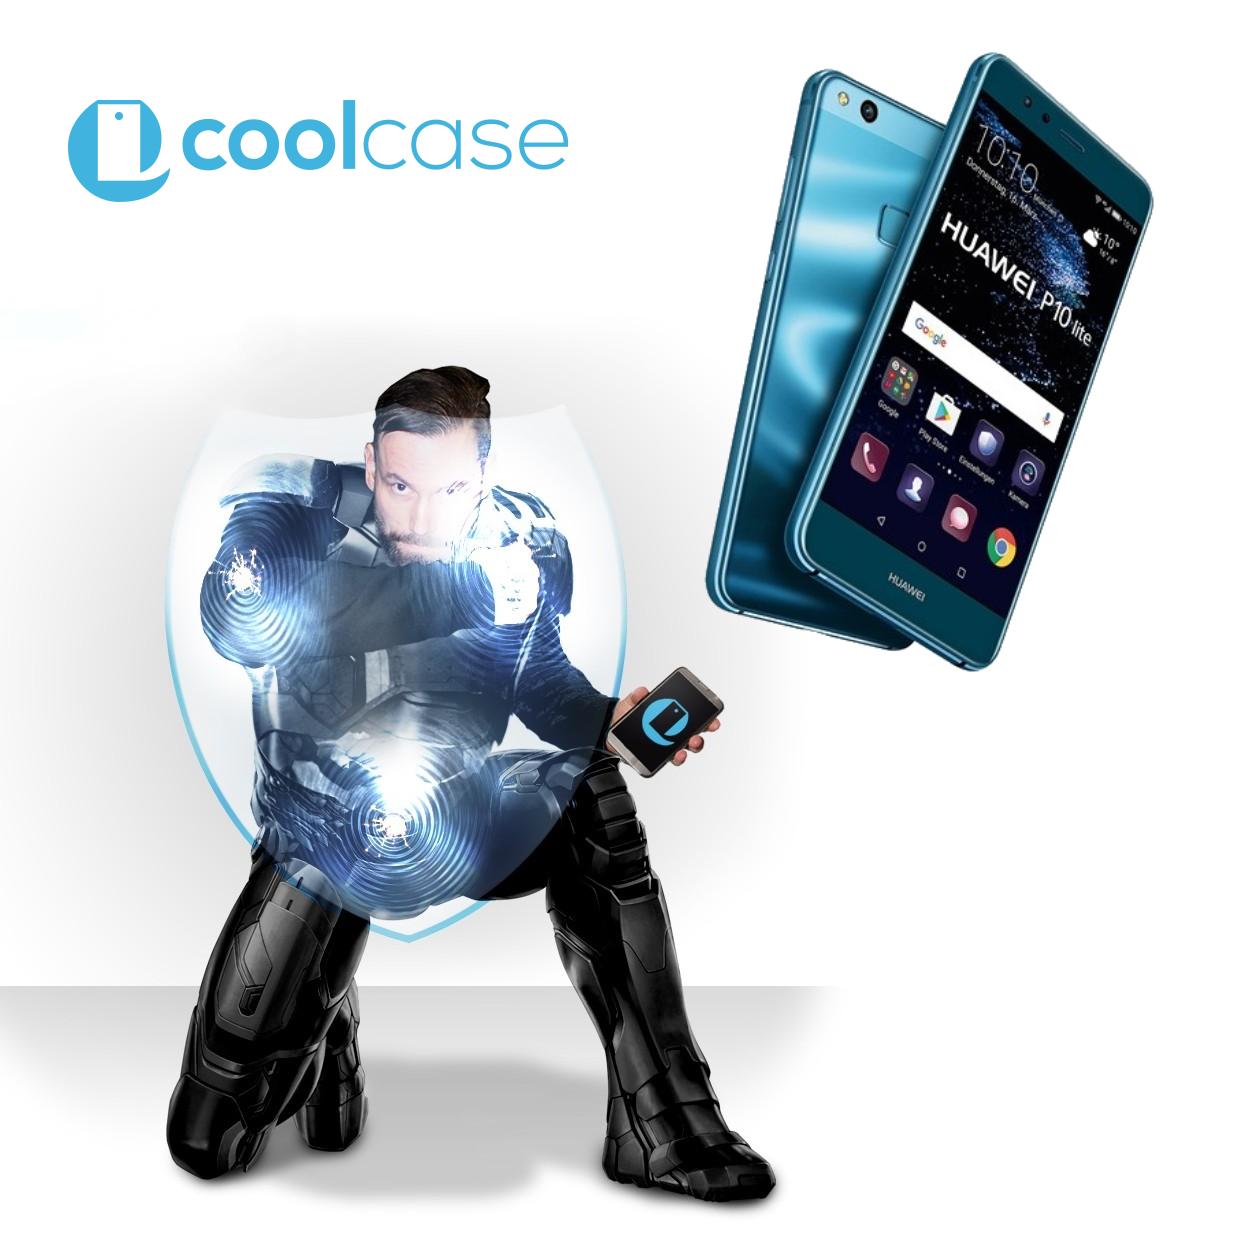 Ochranné tvrzené temperované sklo na displej telefonu Huawei P10 Lite (Tvrzenné ochranné sklo Huawei P10 LITE)